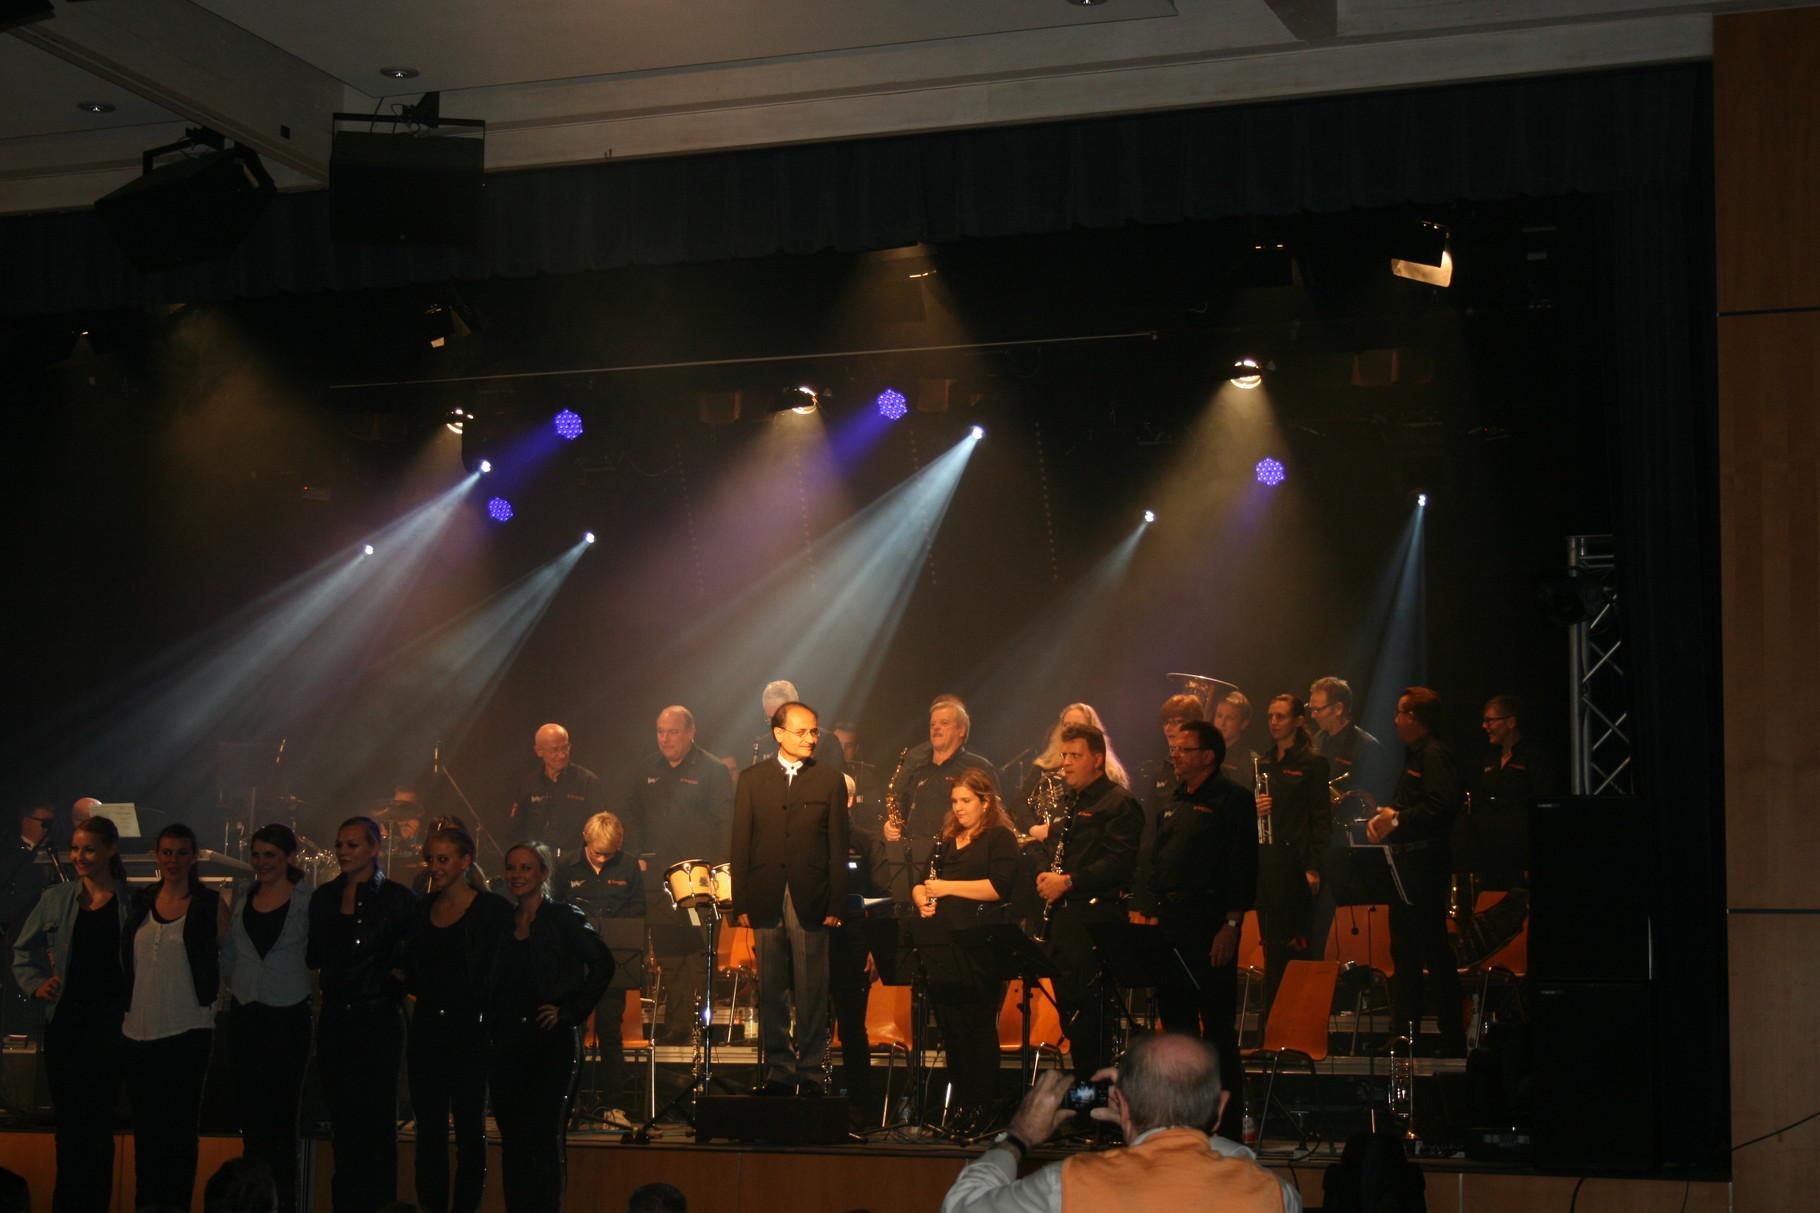 Kolpingkapellenkonzert mit den Twisters und der Tanzgruppe Release